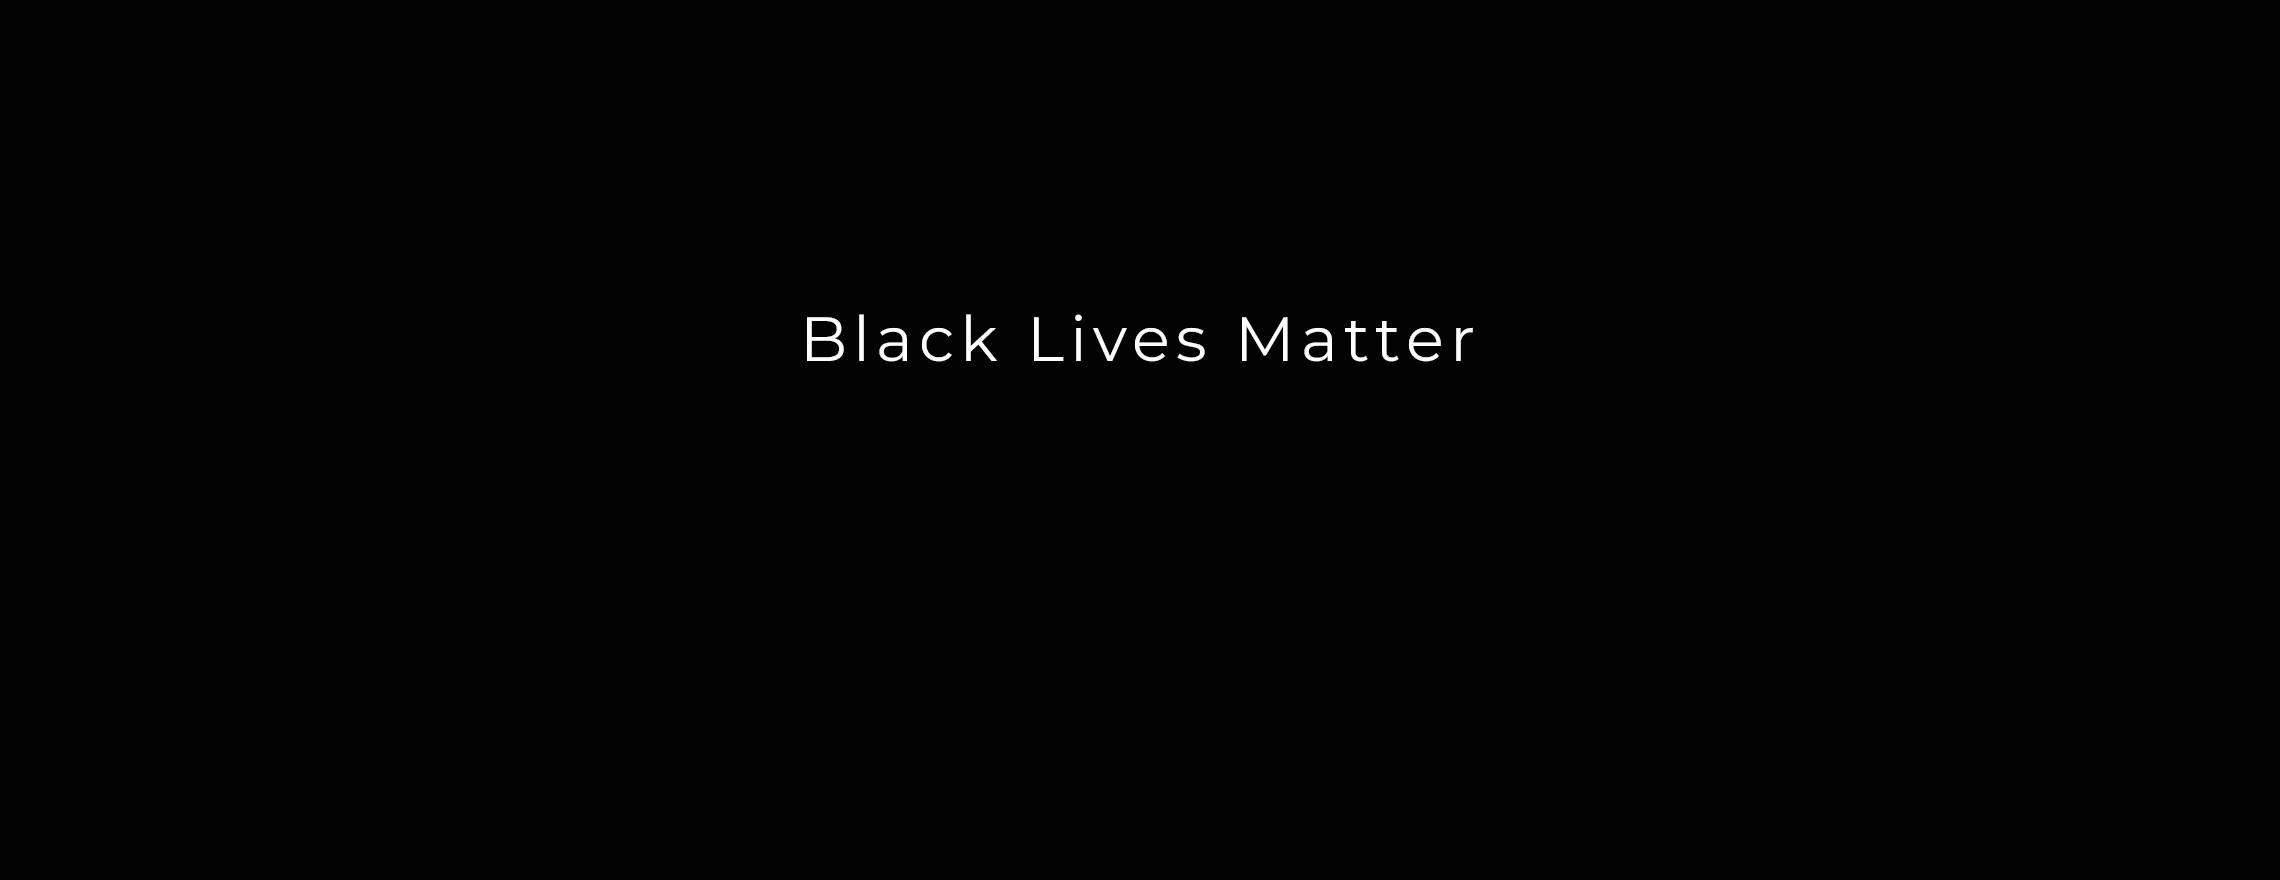 black_banner_black_lives_matter